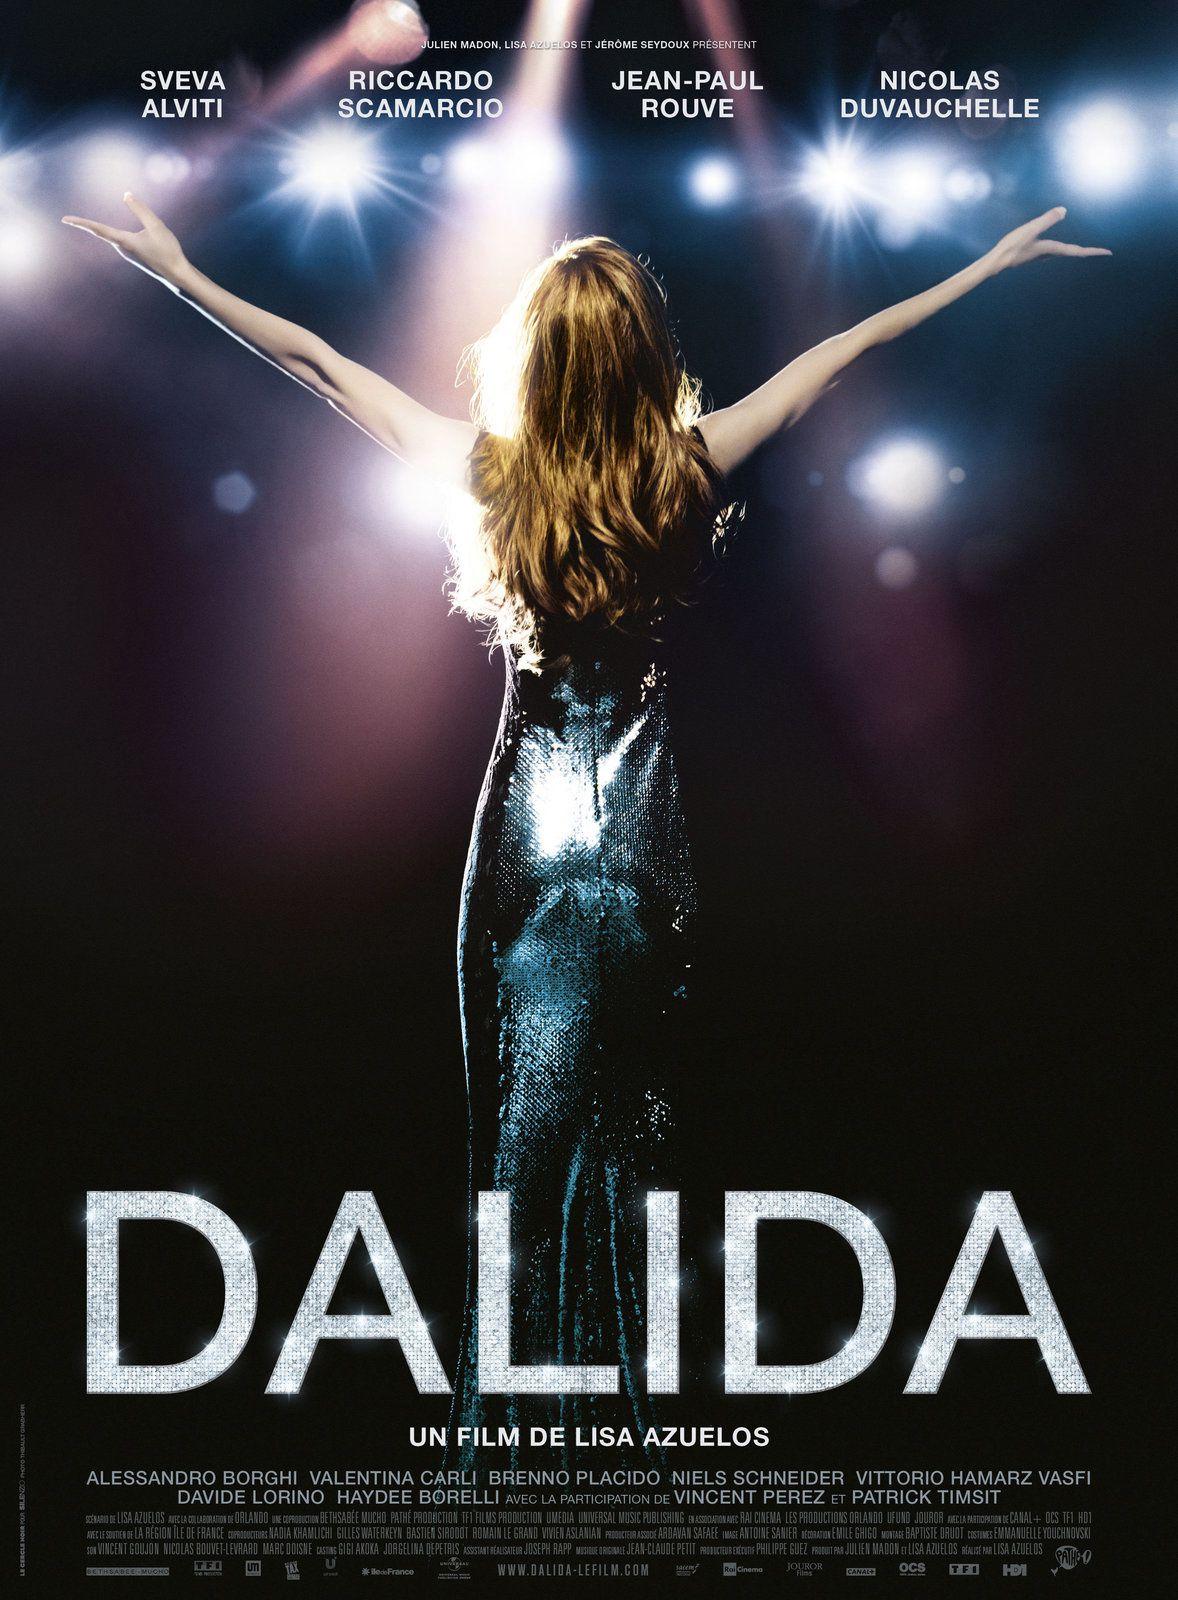 Découvrez la nouvelle bande-annonce de Dalida, le film.